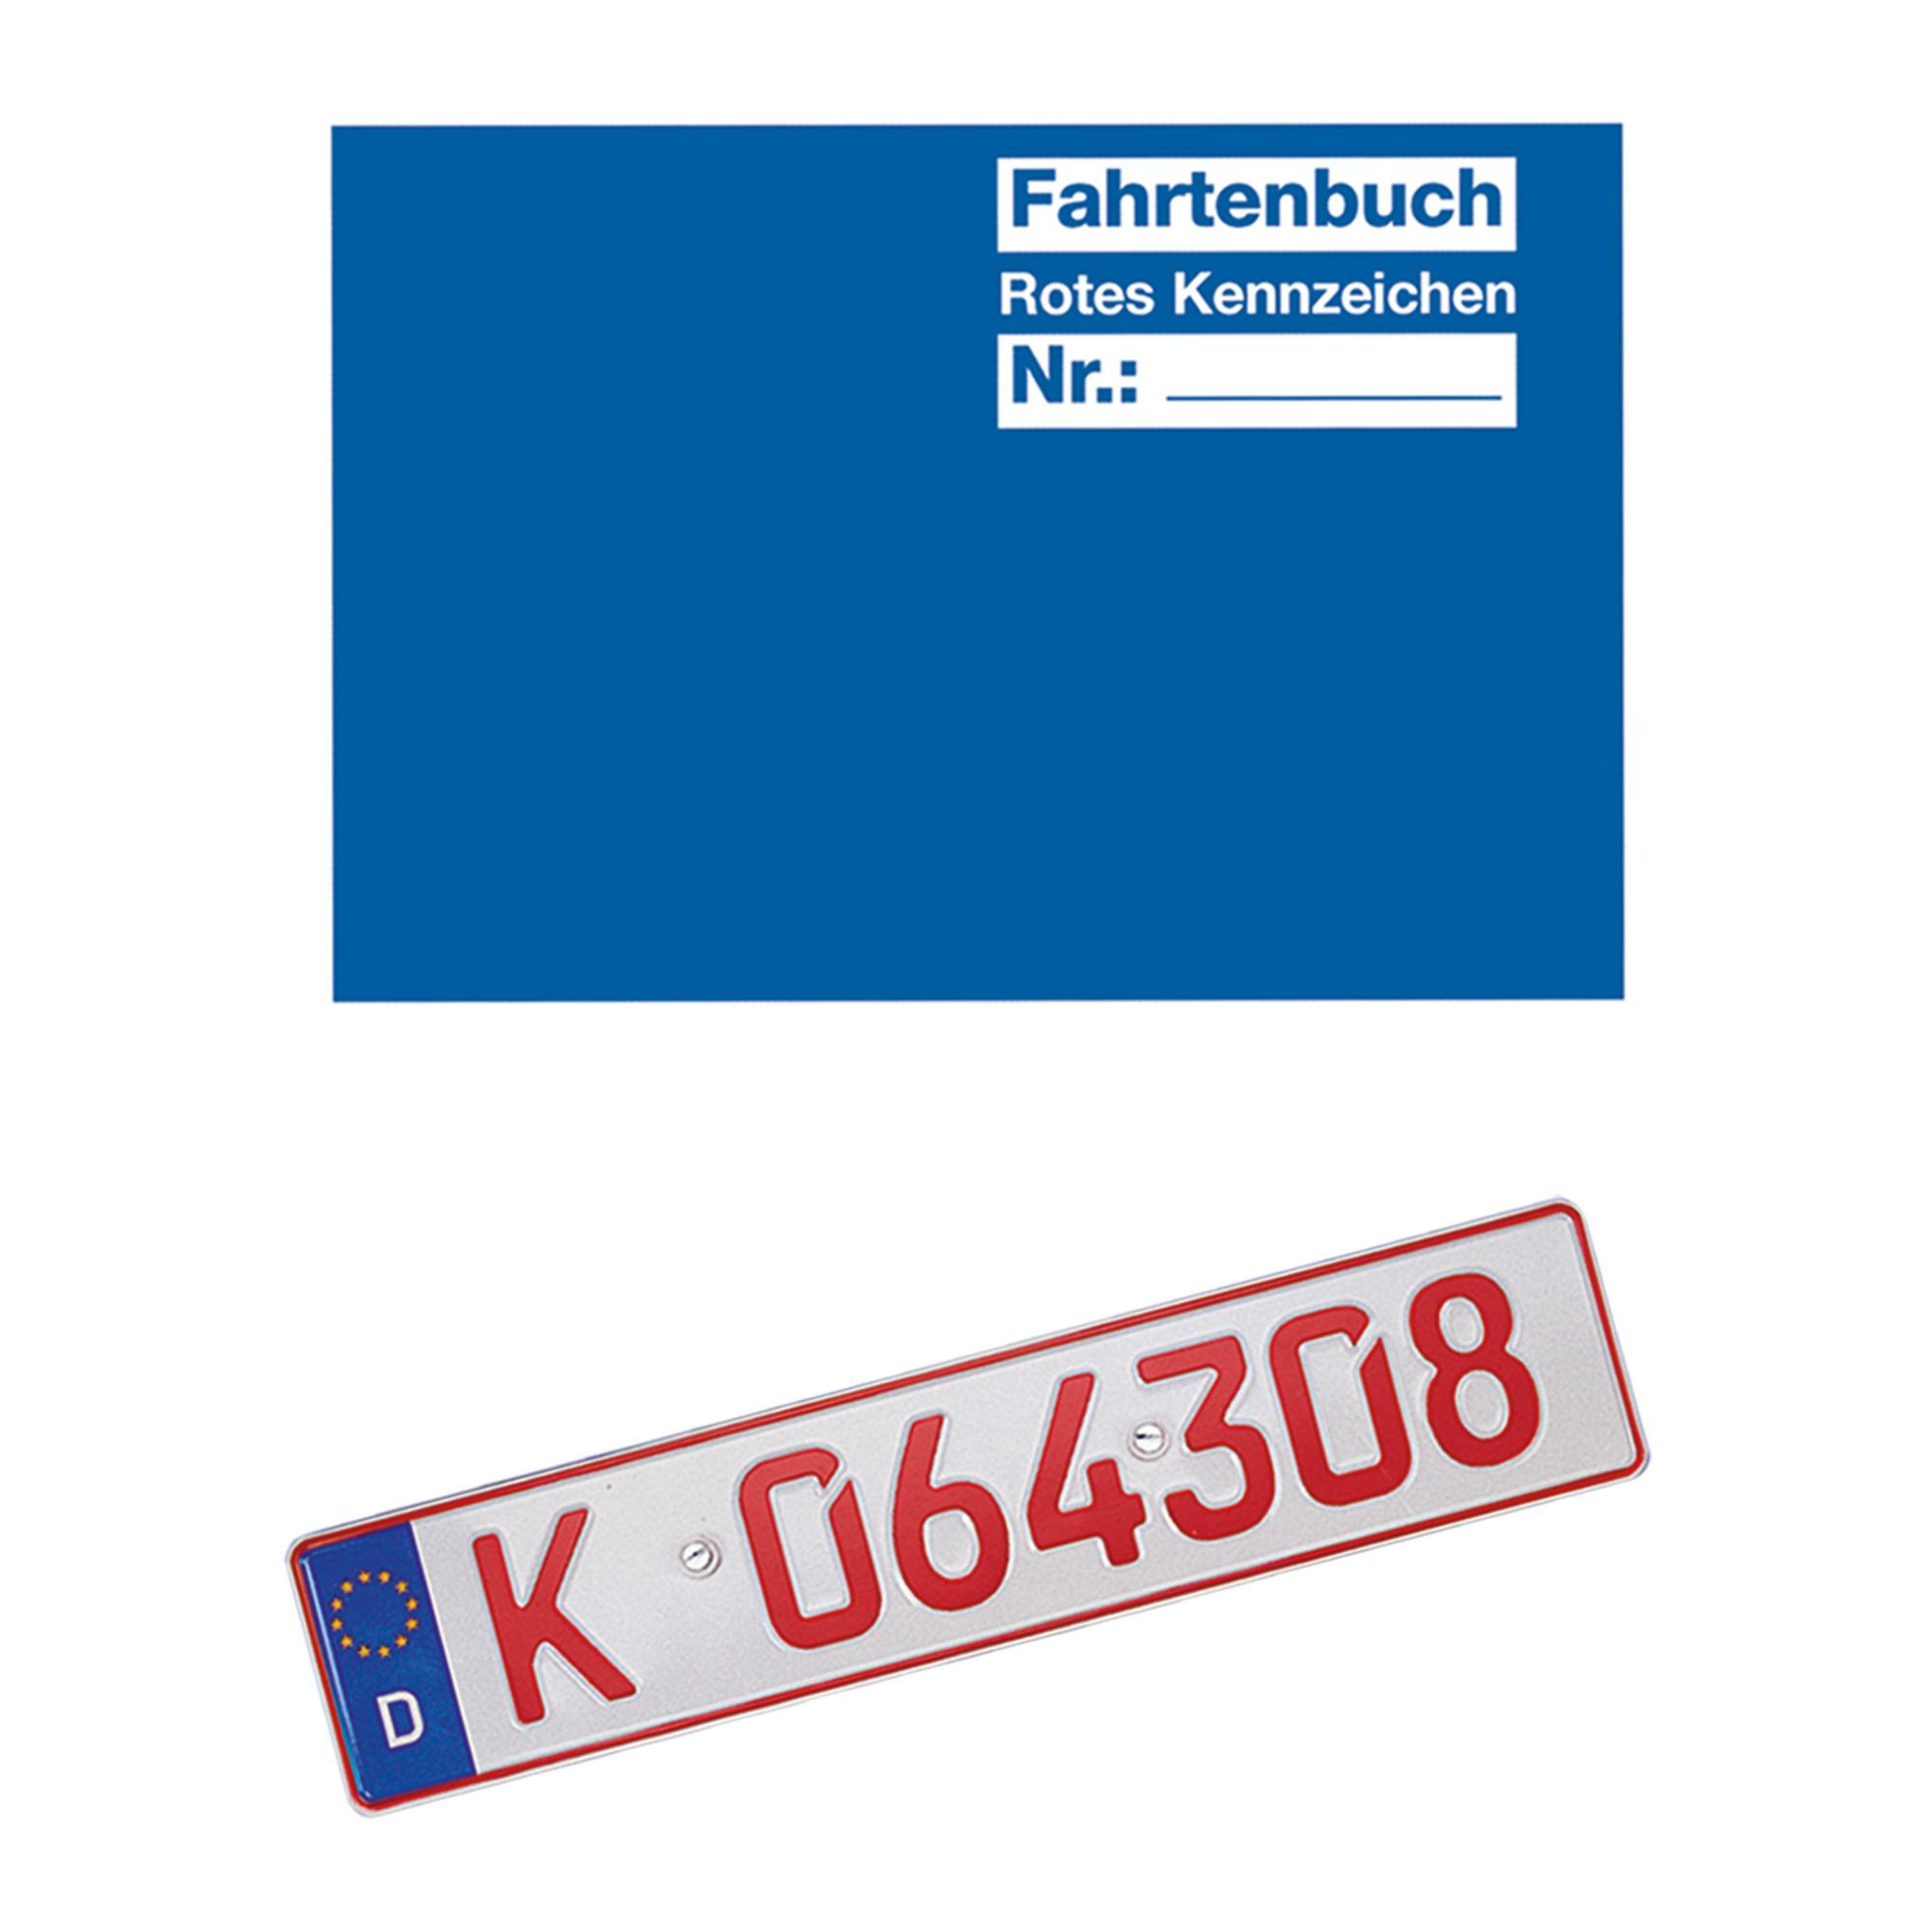 fahrtenbuch f r rotes kennzeichen jetzt online kaufen im. Black Bedroom Furniture Sets. Home Design Ideas